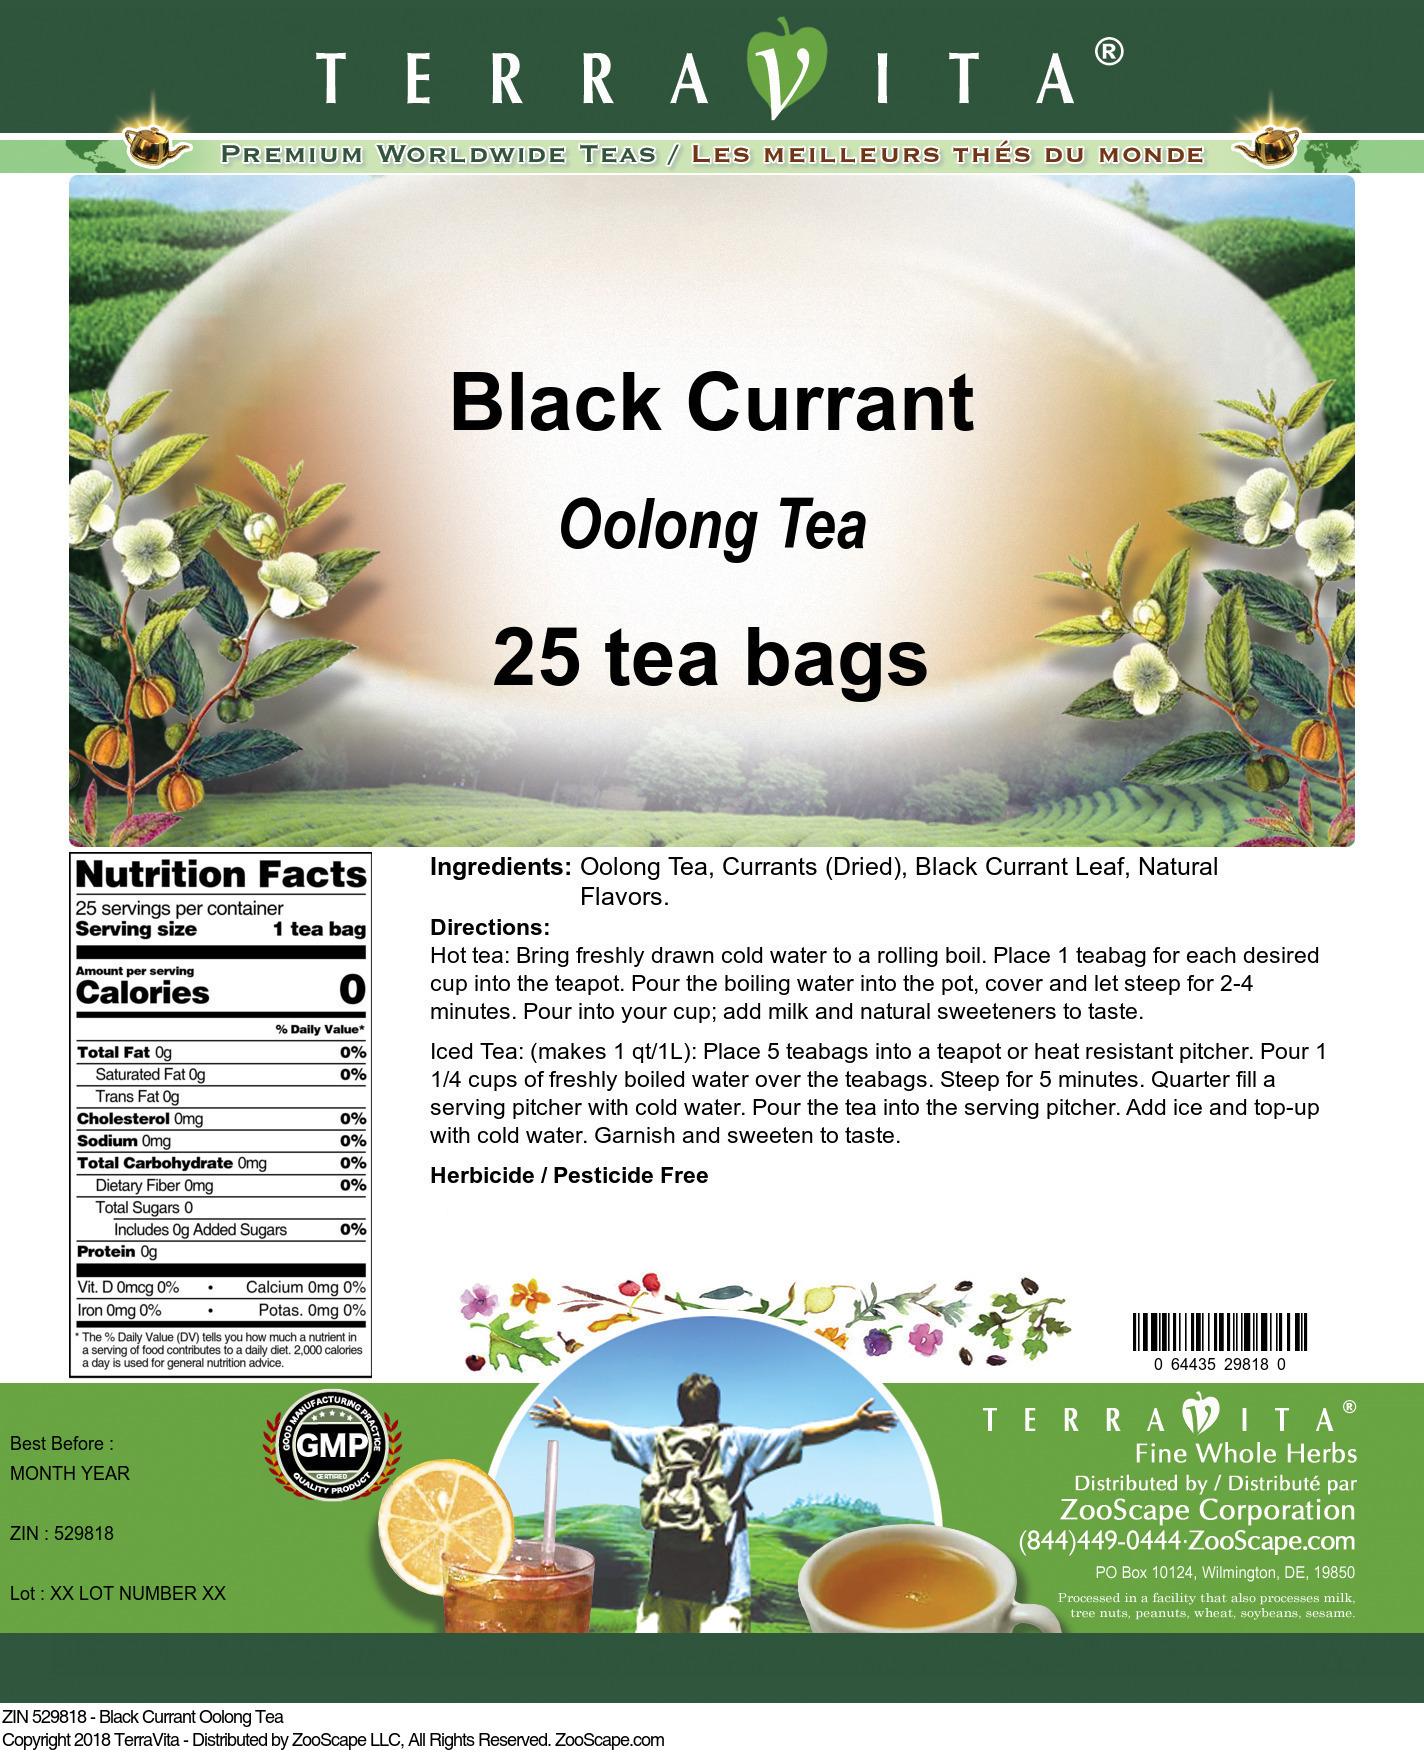 Black Currant Oolong Tea